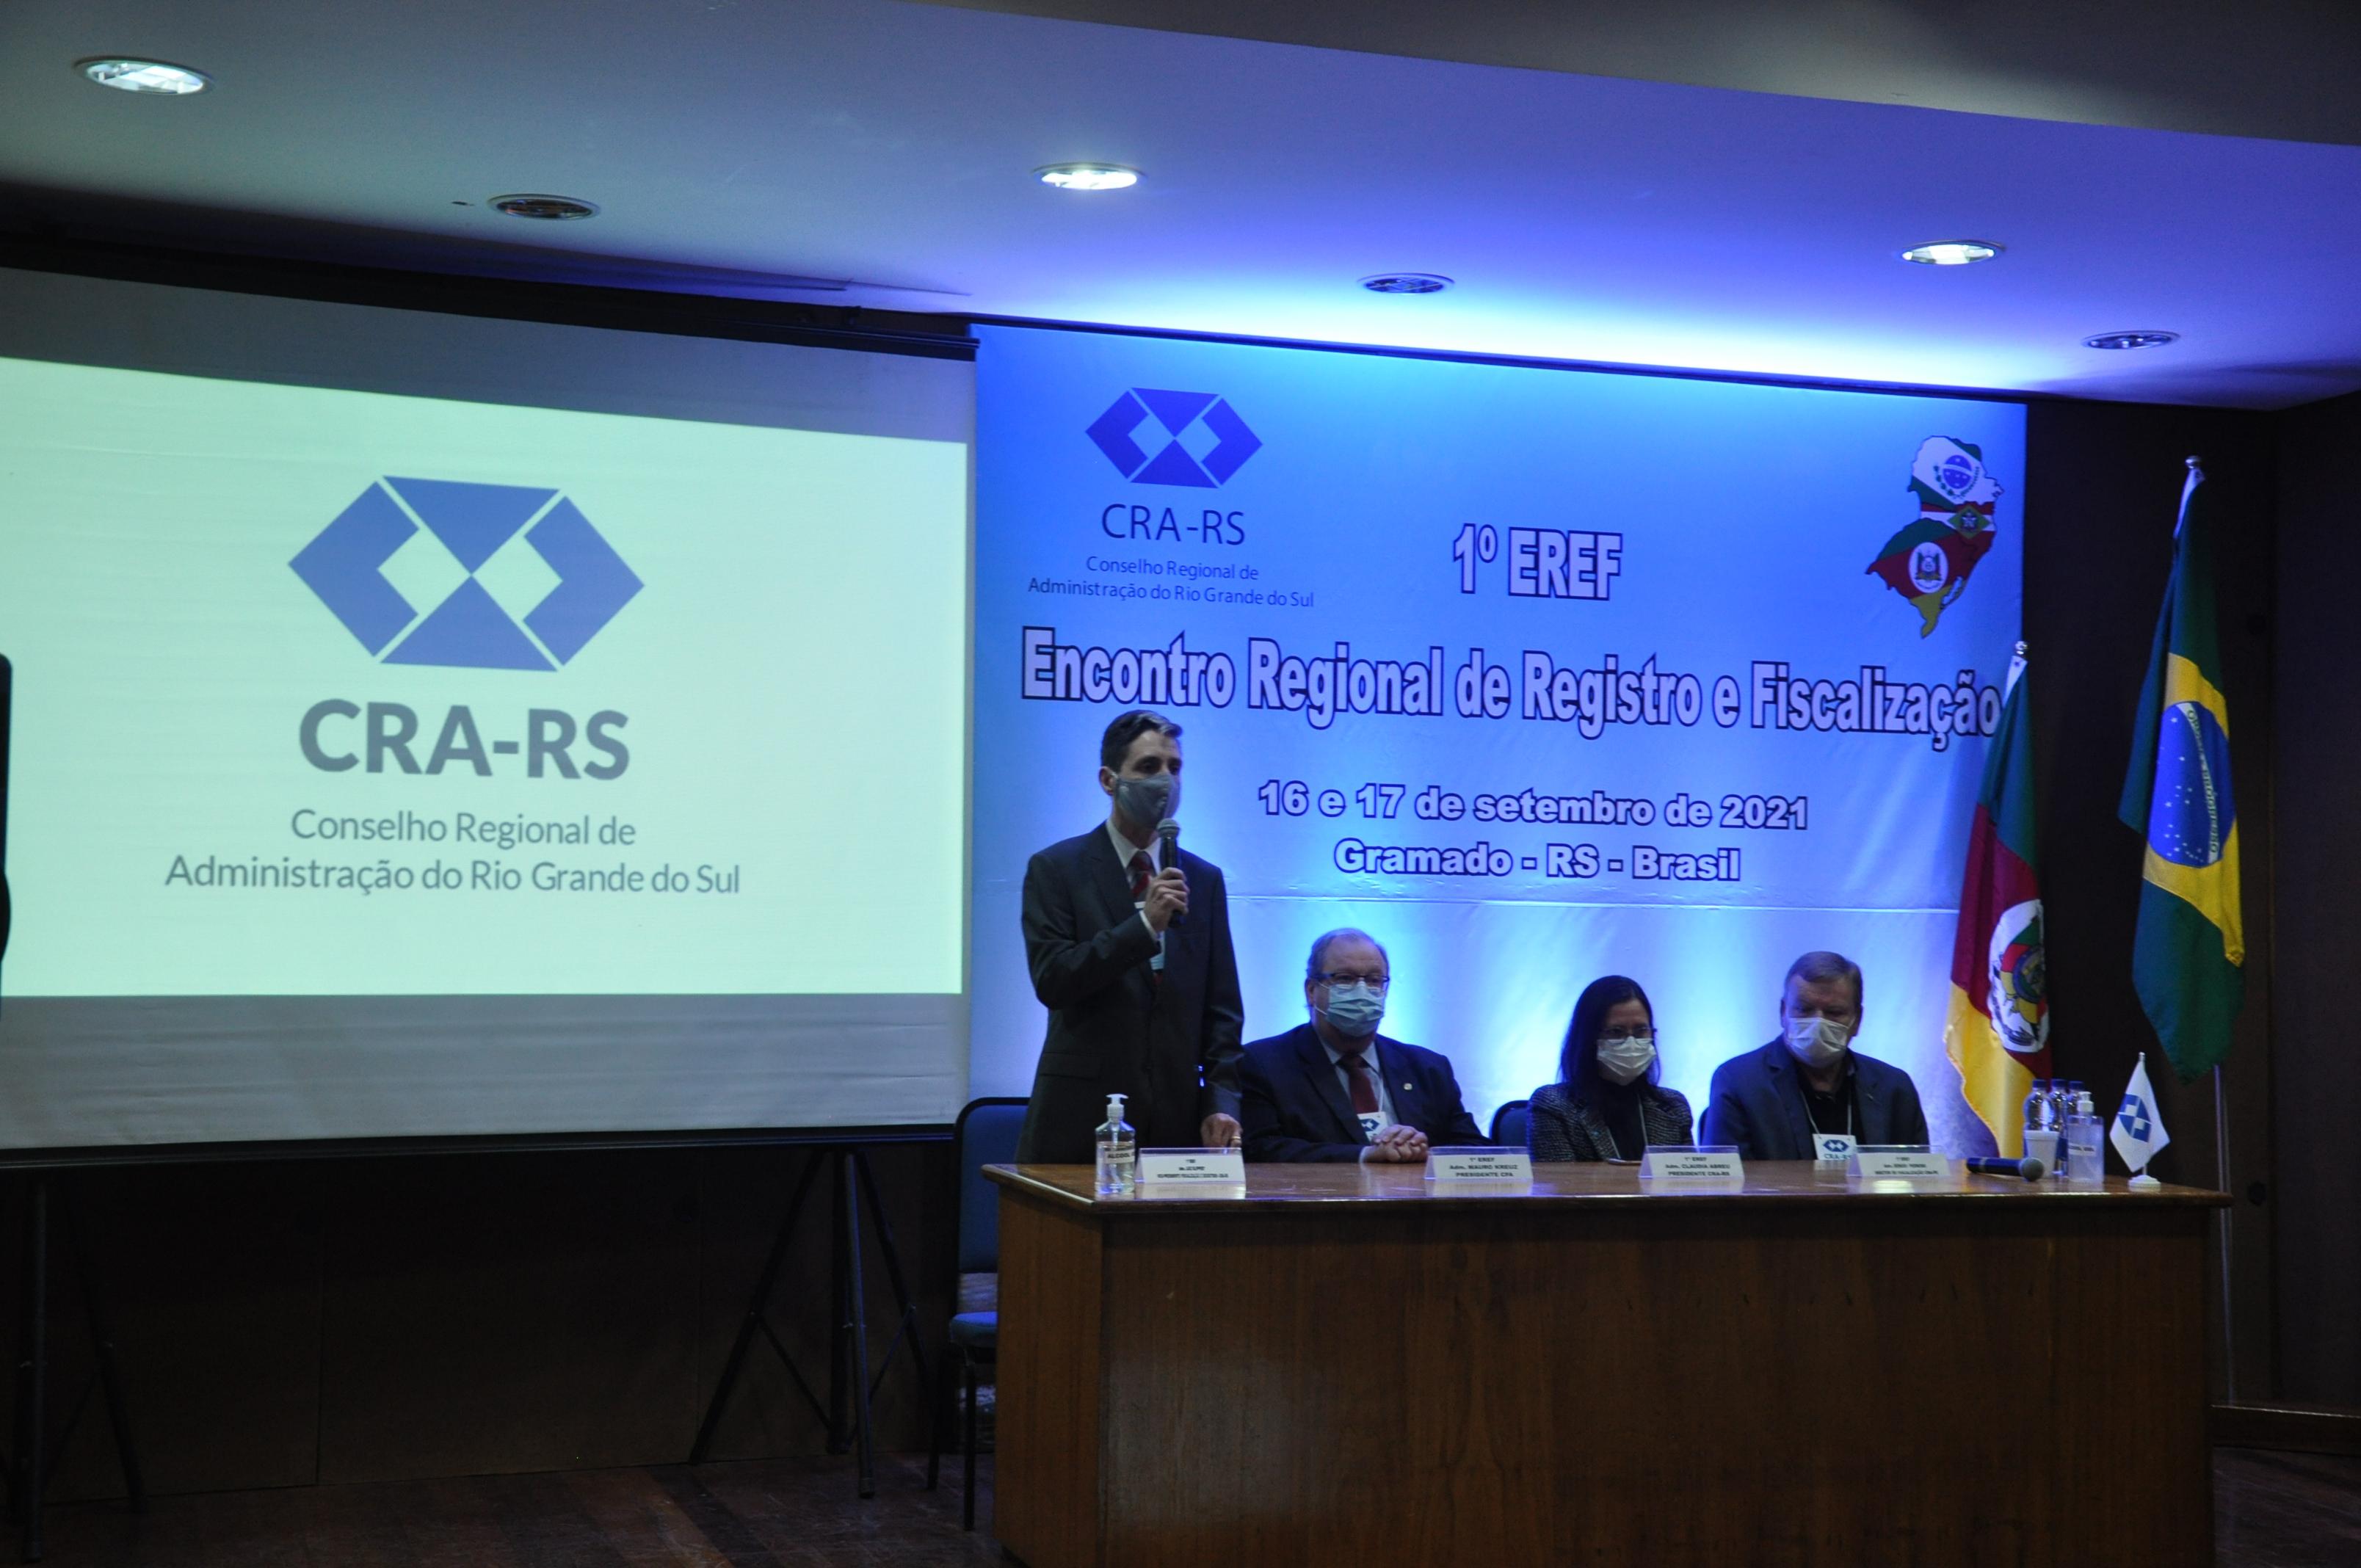 1° EREF aprofunda o debate e a troca de experiências sobre fiscalização e registro entre os estados da região Sul